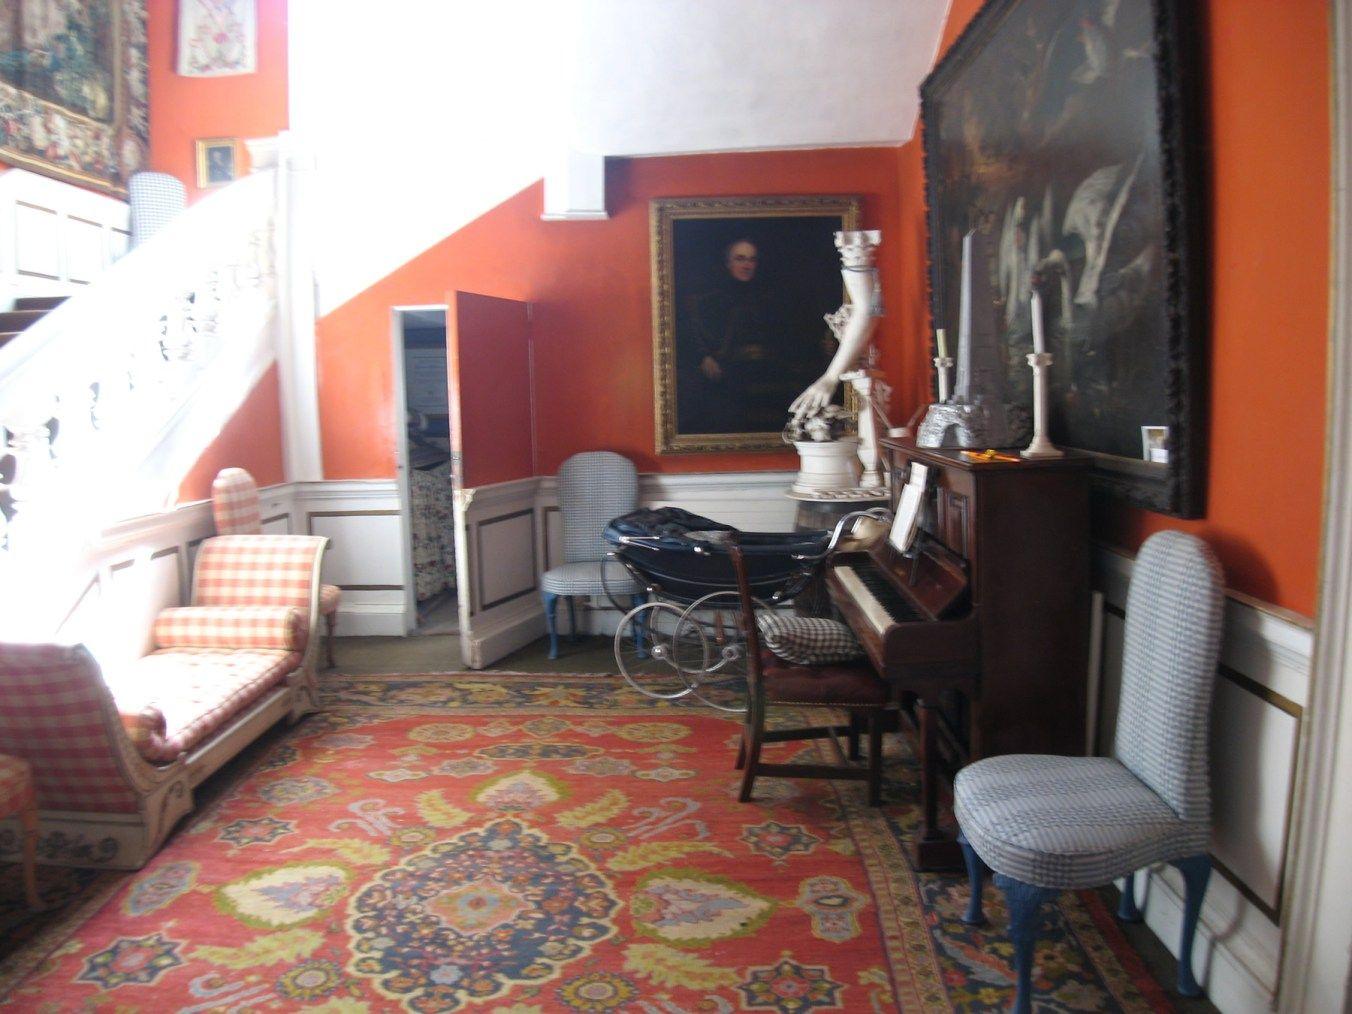 Leixlip Castle Main Stairs 193 best Leixlip